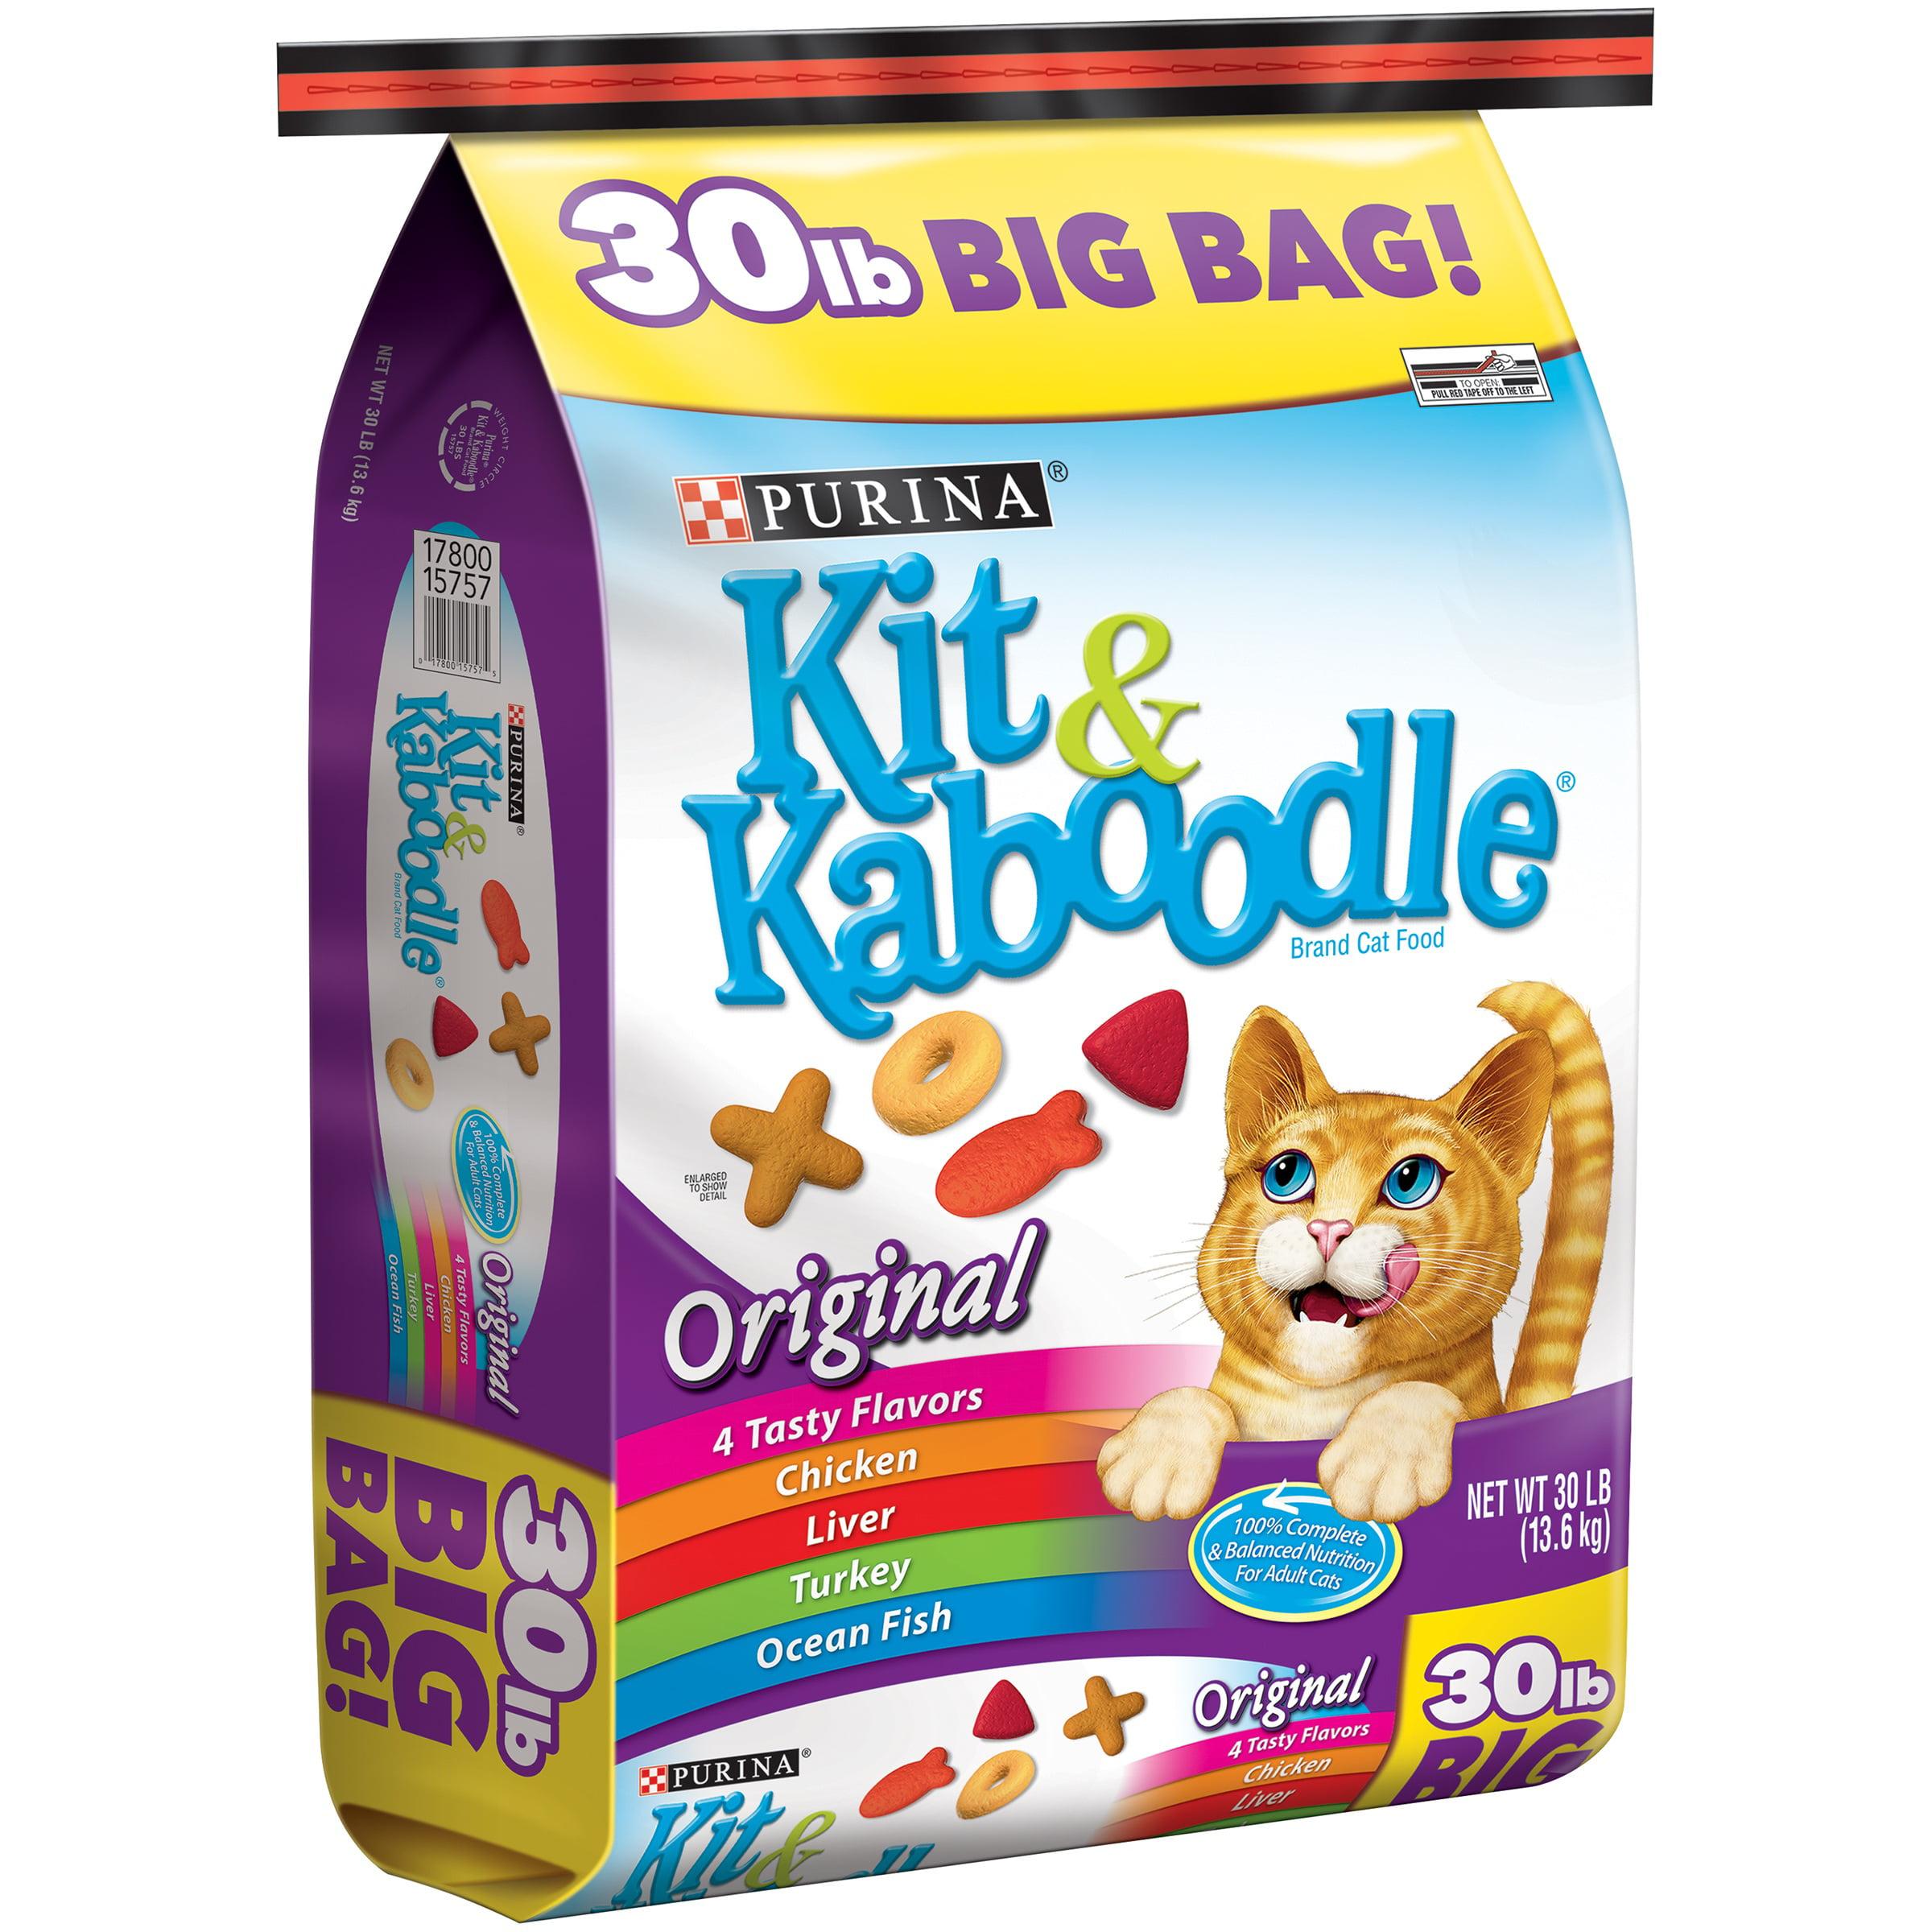 Purina Kit & Kaboodle Original Cat Food 30 lb. Bag